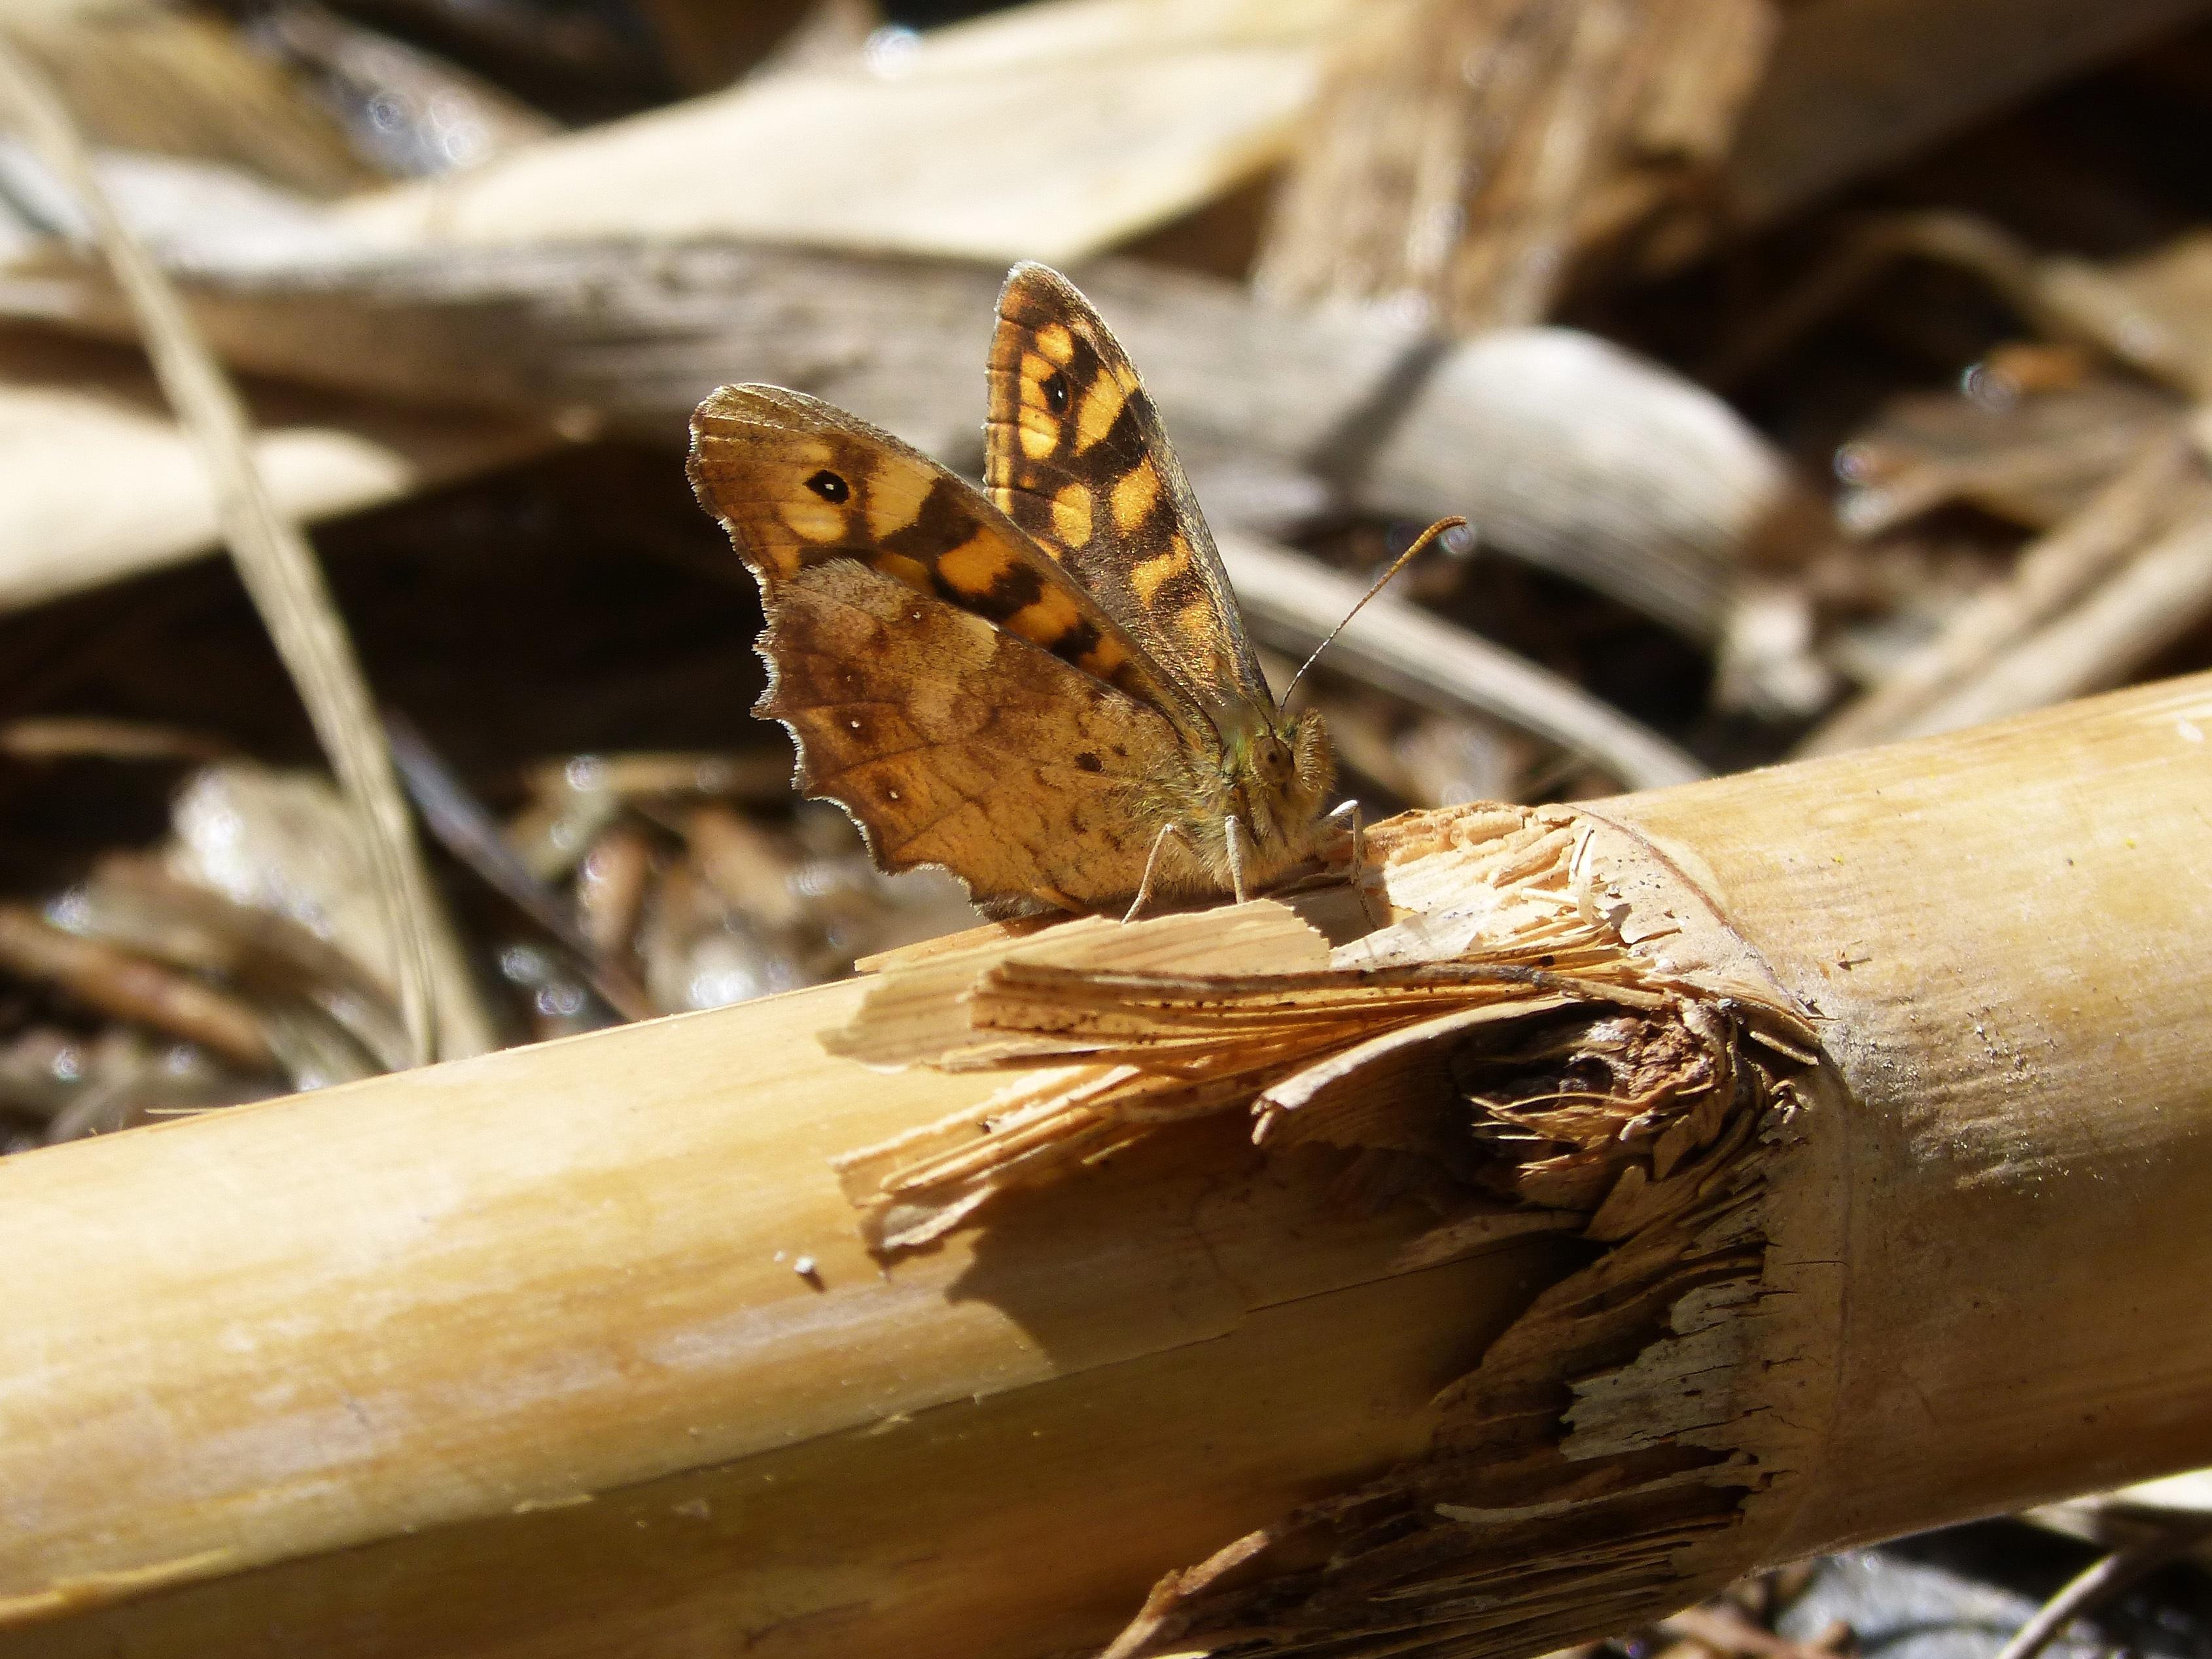 Fotos Gratis Madera Hoja Fauna Silvestre Insecto Polilla  ~ Como Son Las Polillas De La Madera